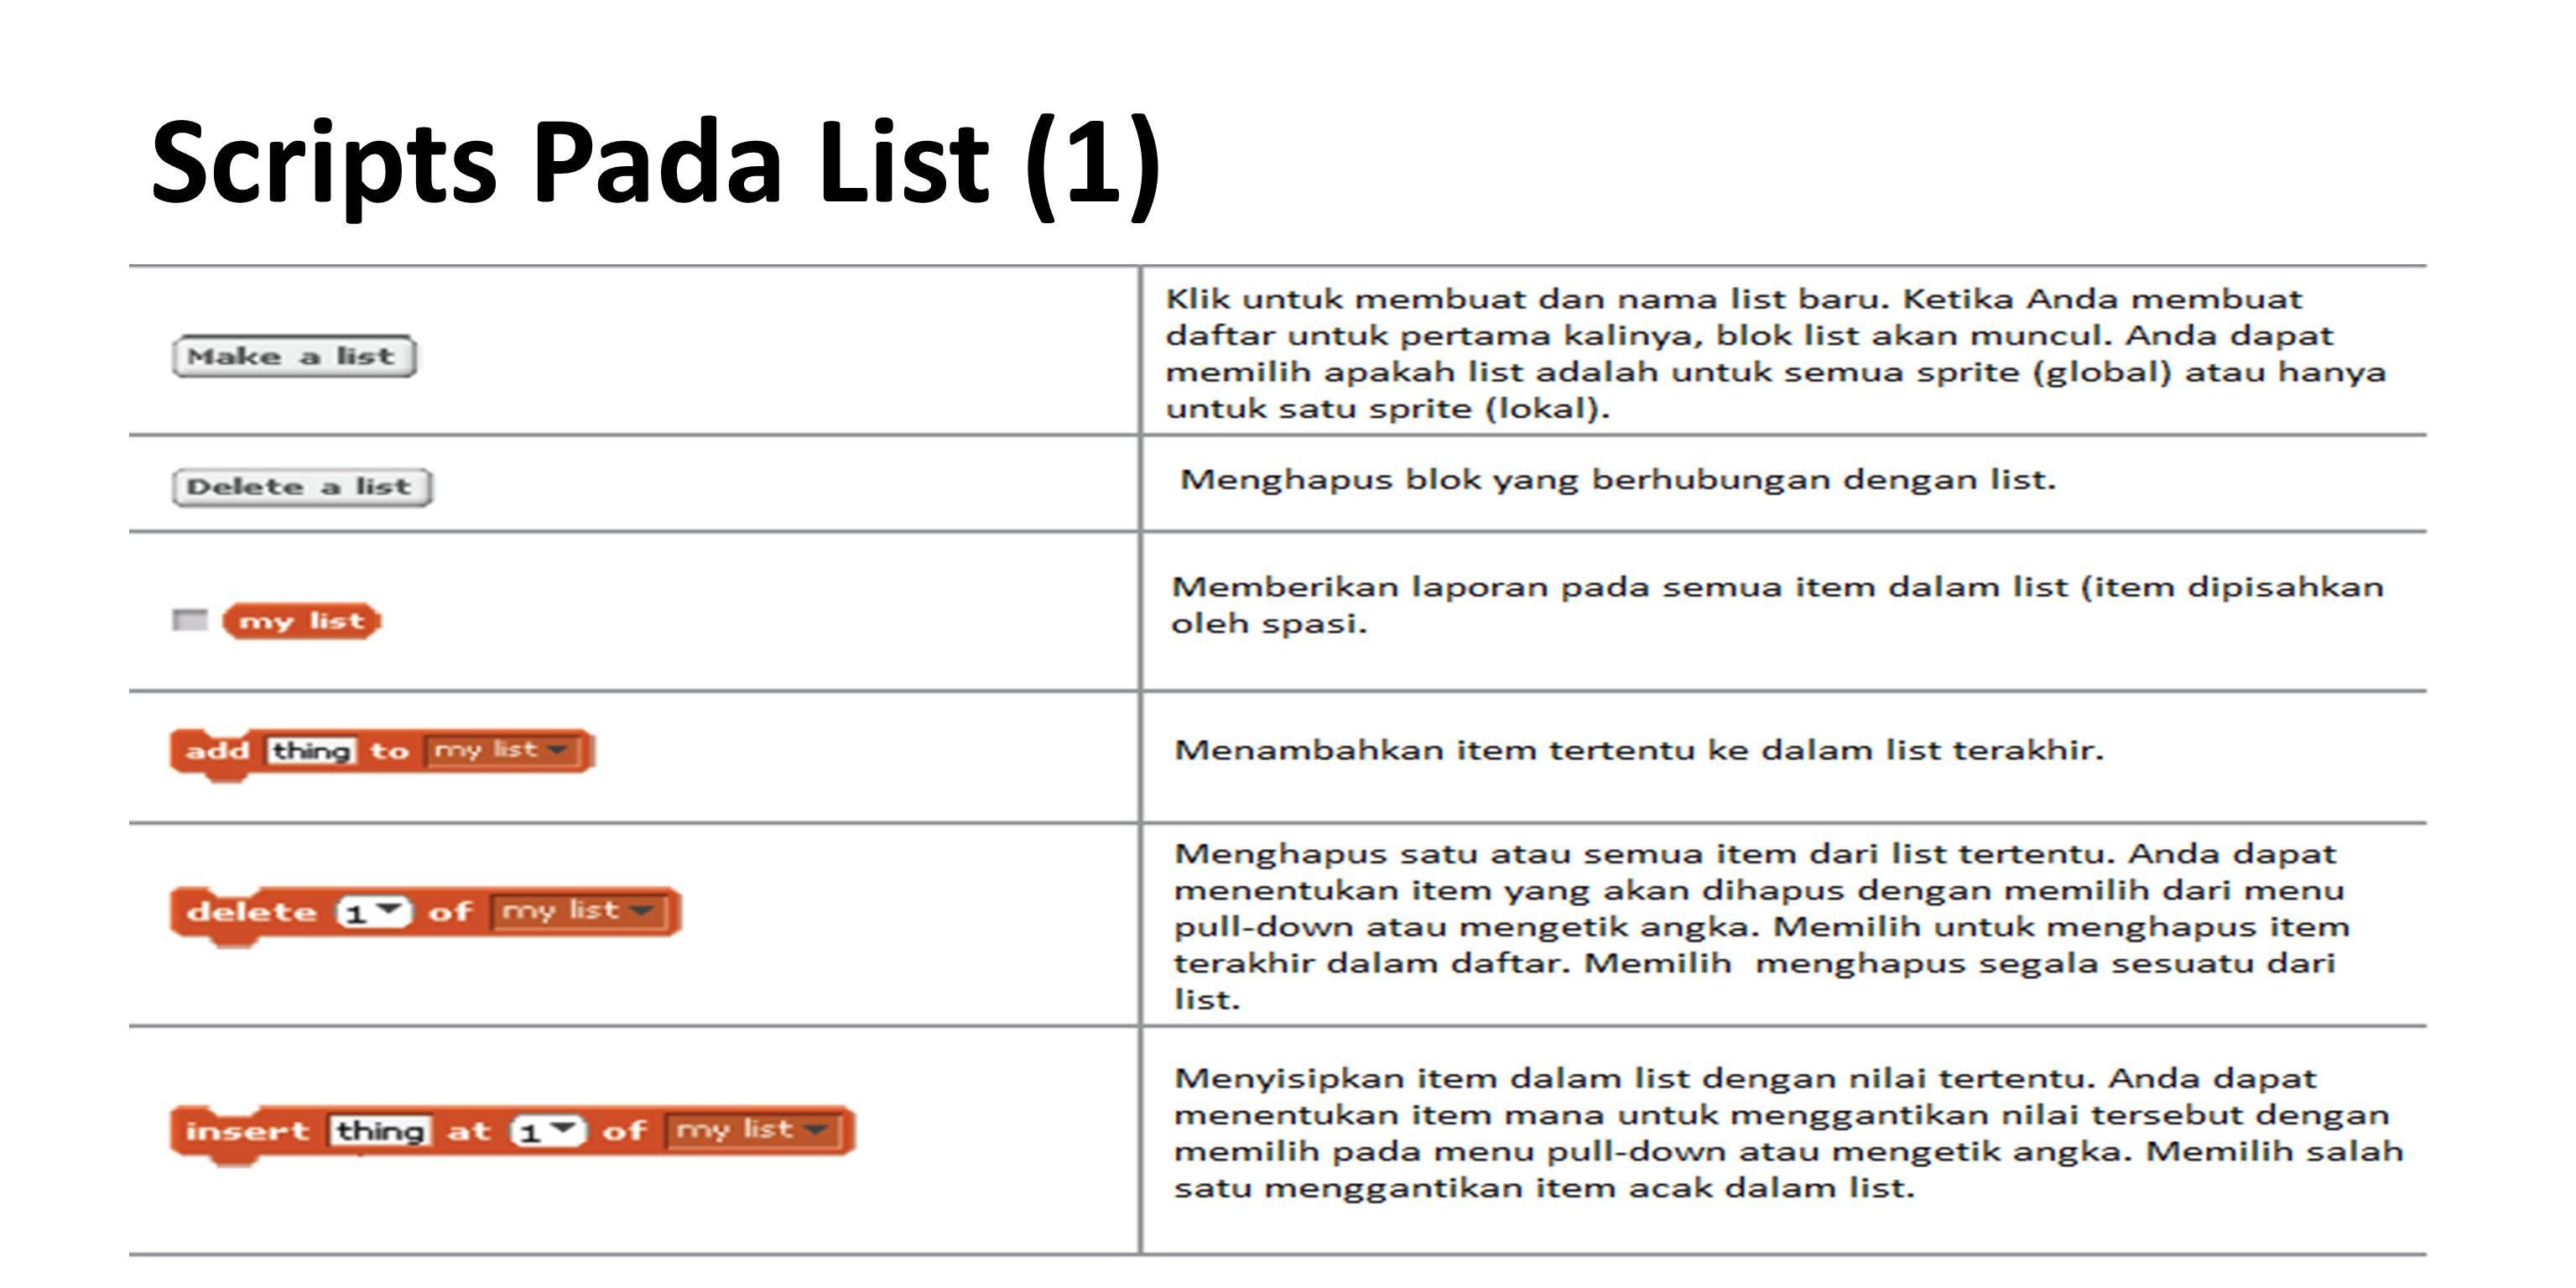 Scripts Pada List (1)